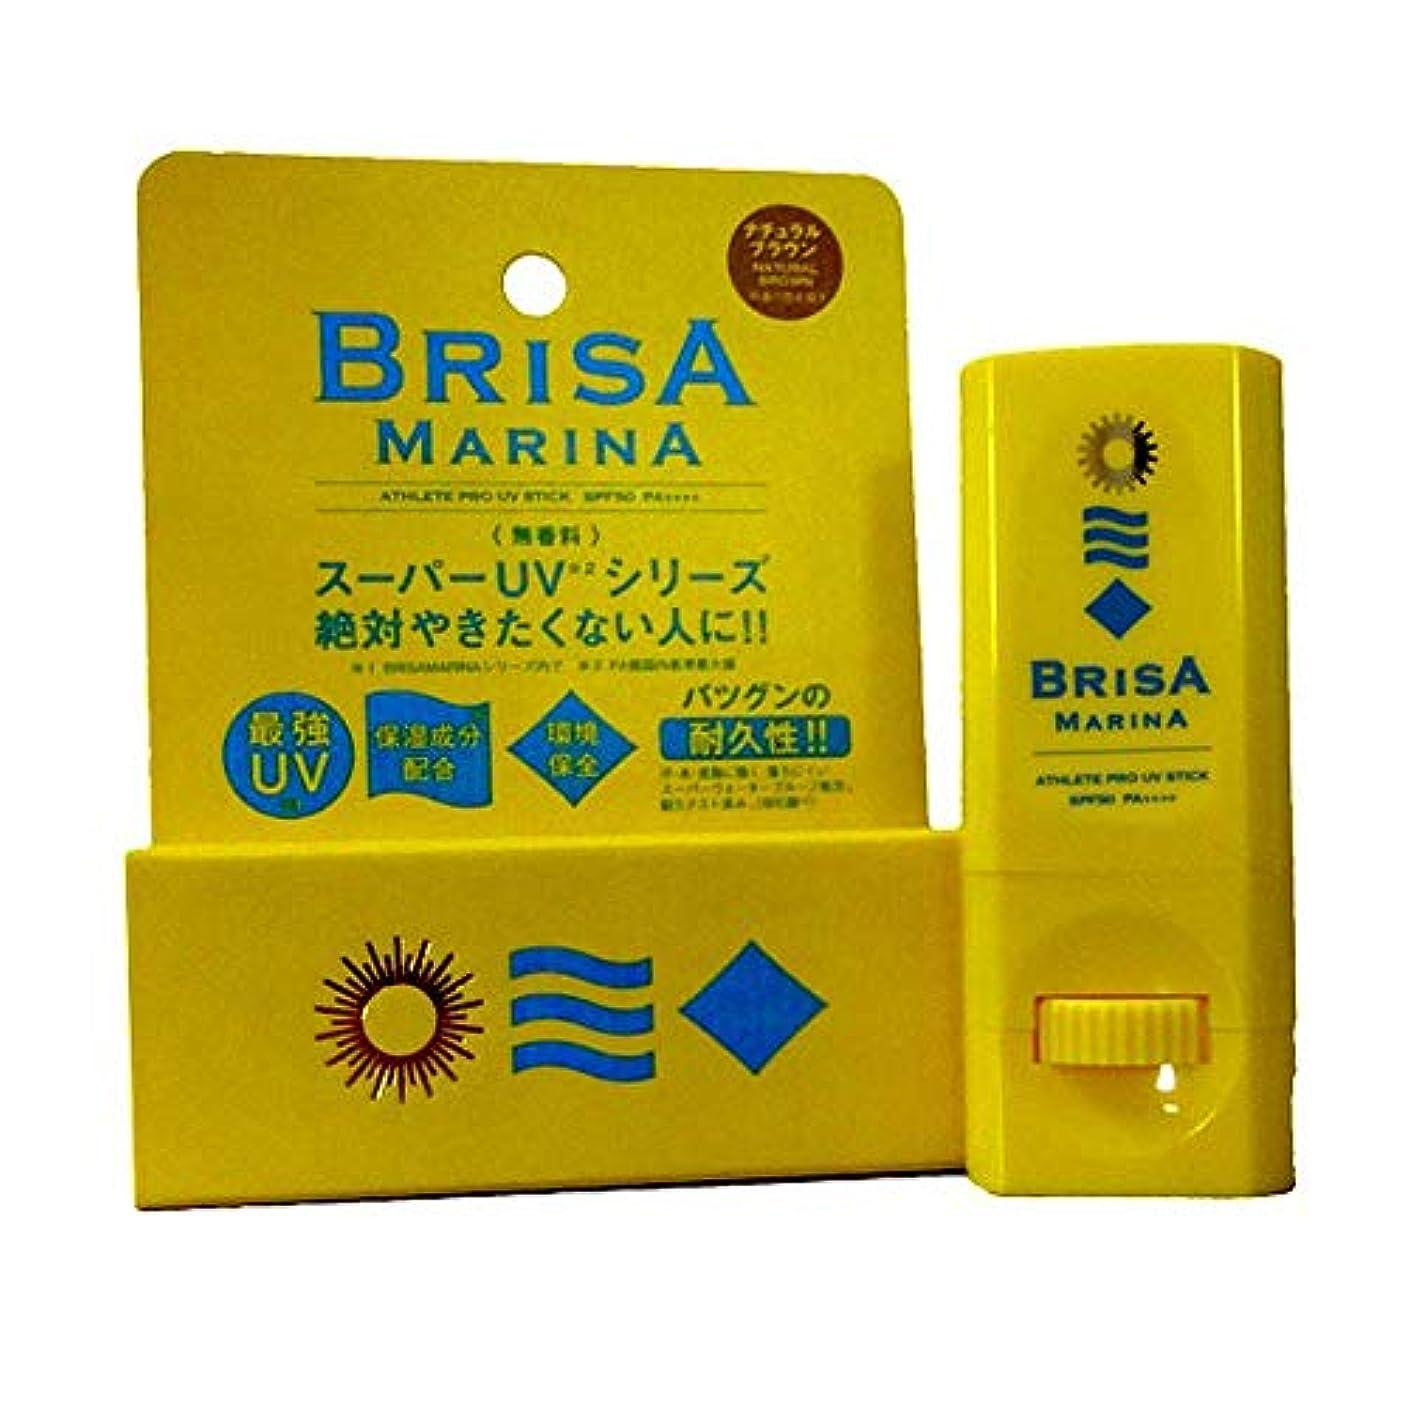 天気必要条件フォーカスBRISA MARINA(ブリサマリーナ) ATHLETE PRO UV STICK 10g 日焼け止め スティック (02-NATURAL BROWN)